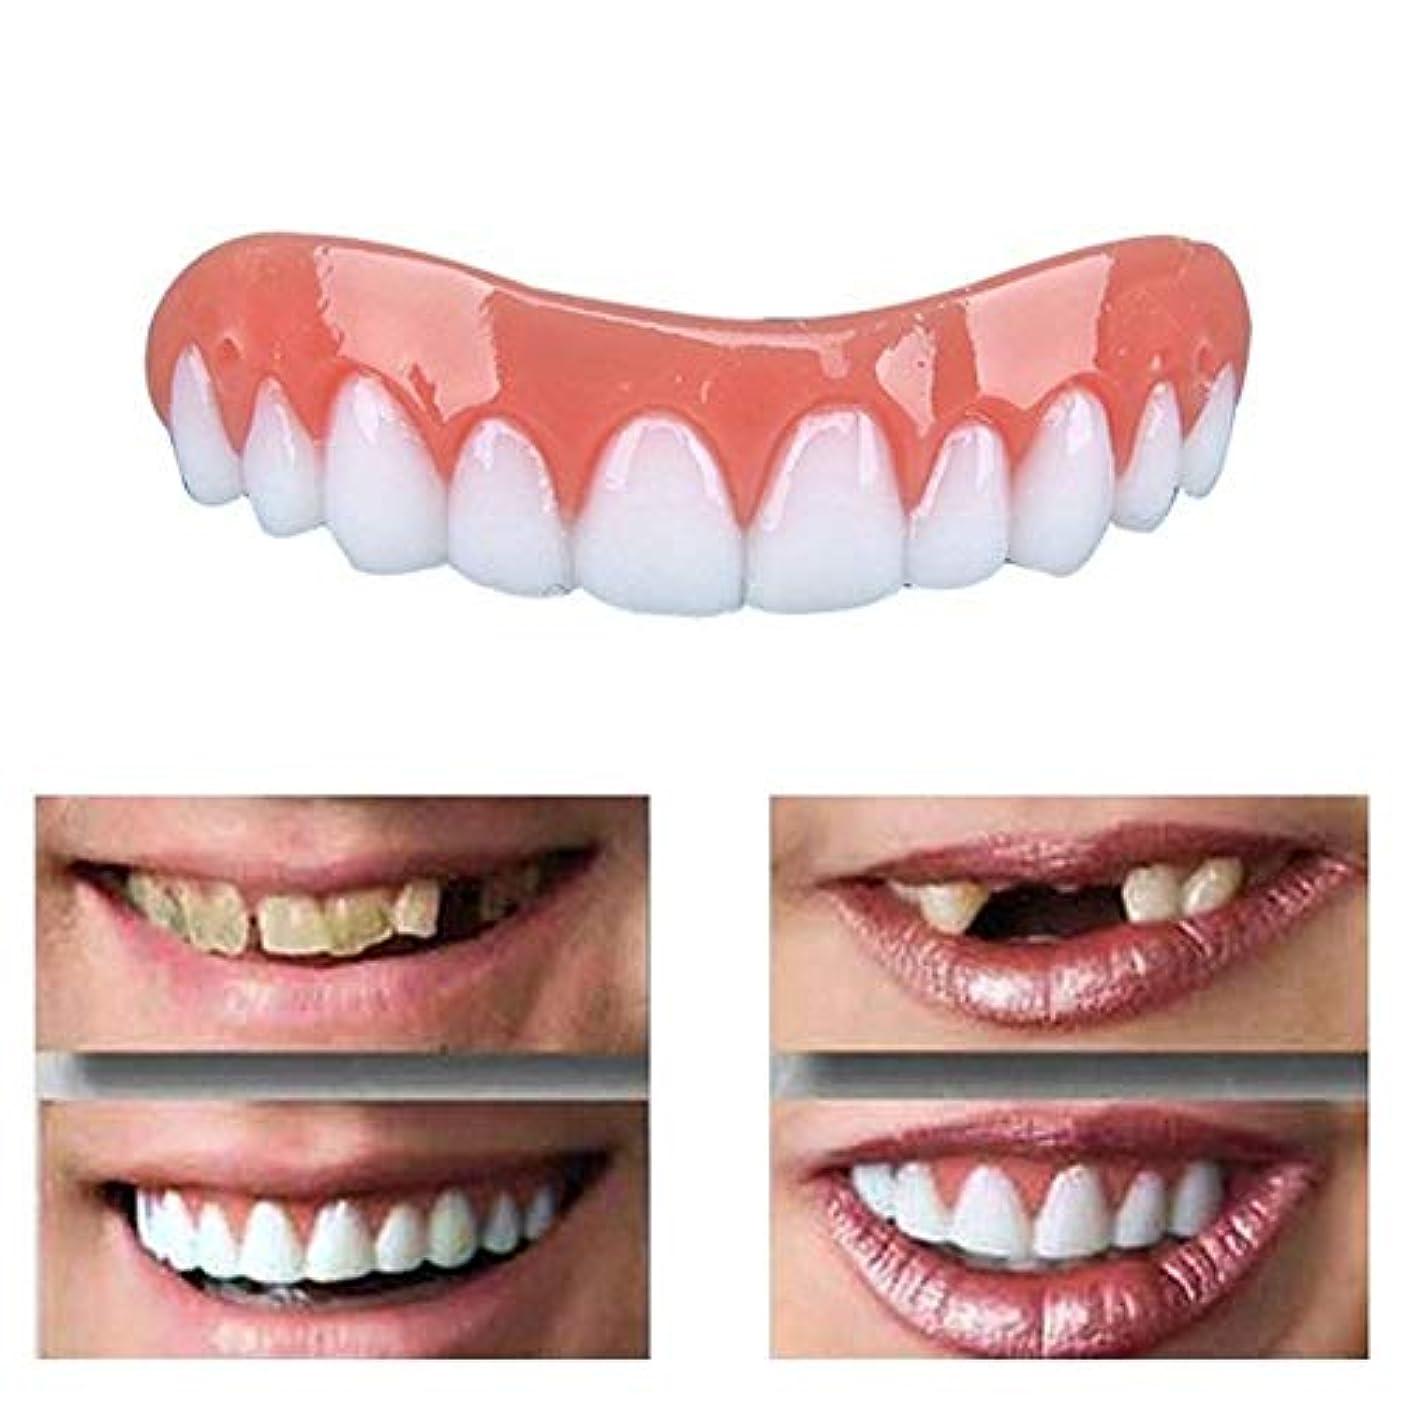 第五縁石長いです20ピースパーフェクトスマイルベニア偽の歯アッパー偽の歯カバースナップオン即時の歯化粧品義歯のケアオーラルケアシリコーンホワイトニング義歯